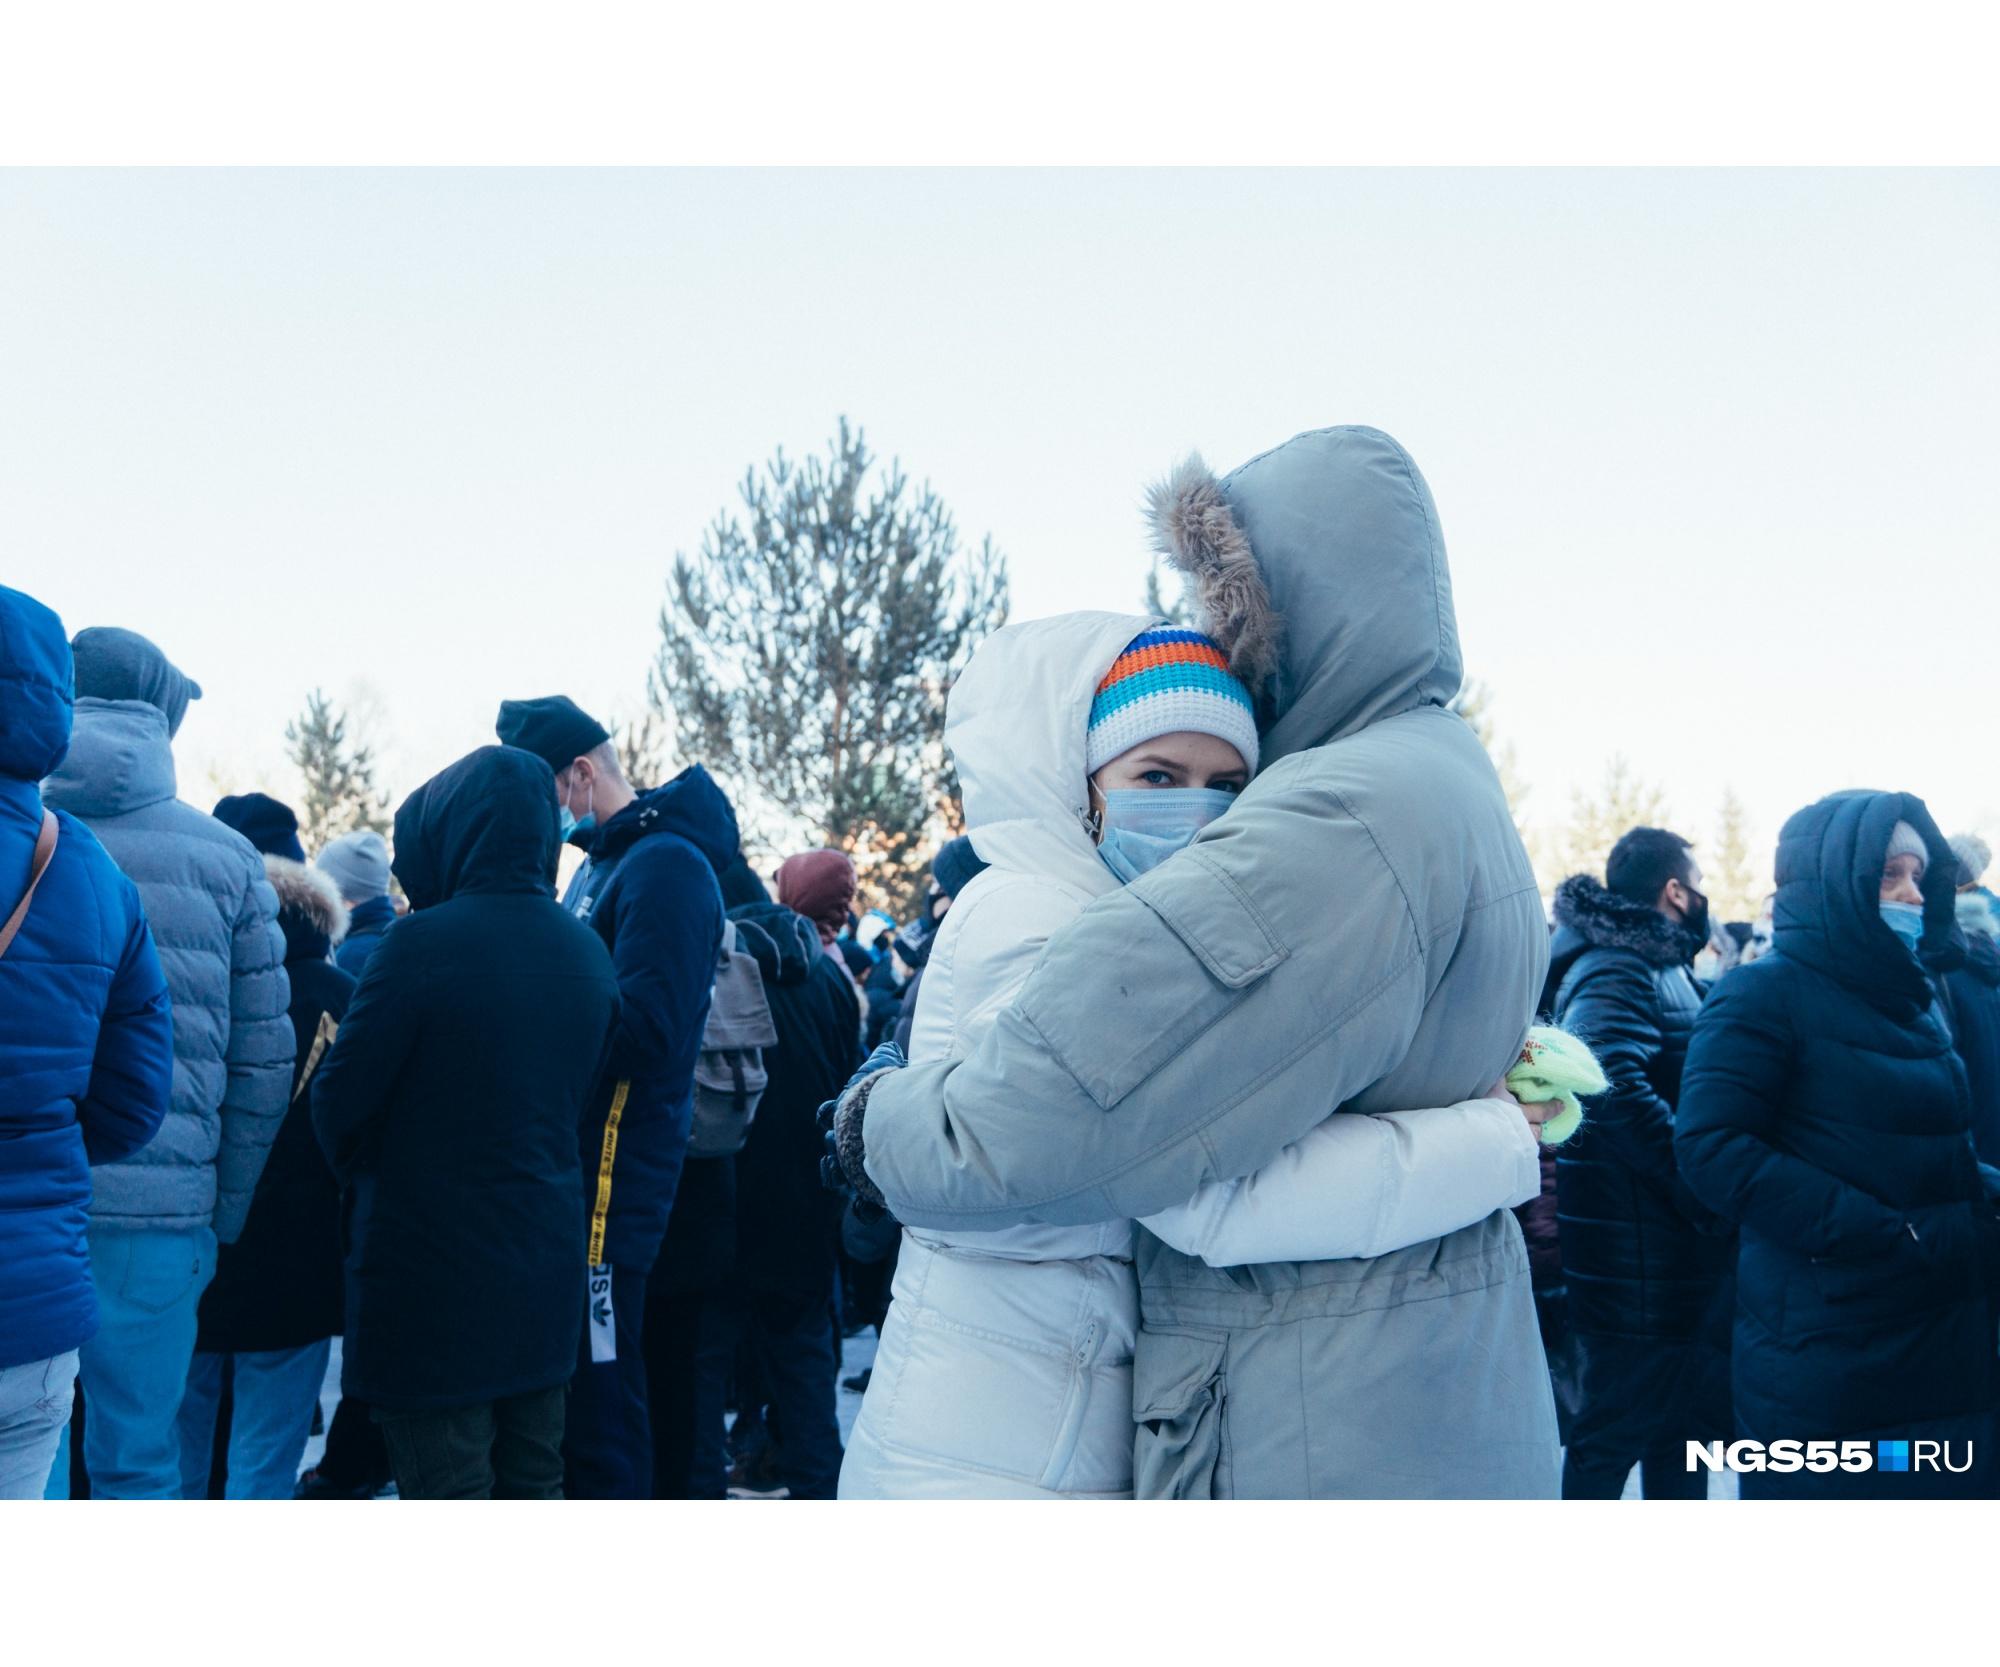 Другие думали — протест протестом, а обнимашки по расписанию